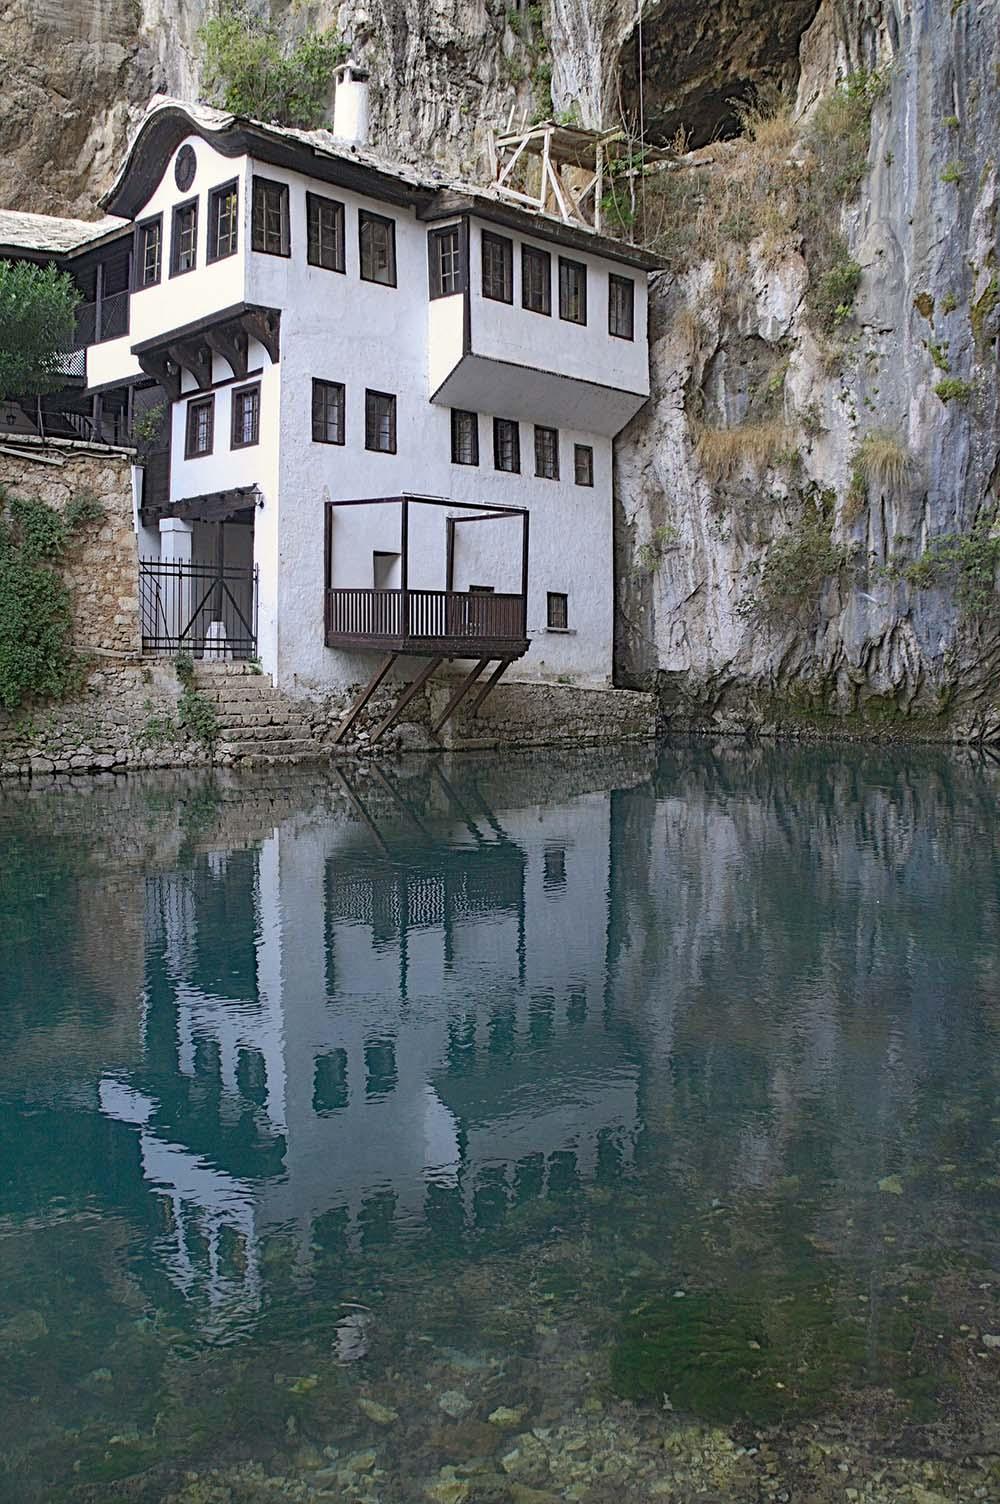 klasztor-derwiszow-bosnia-widok